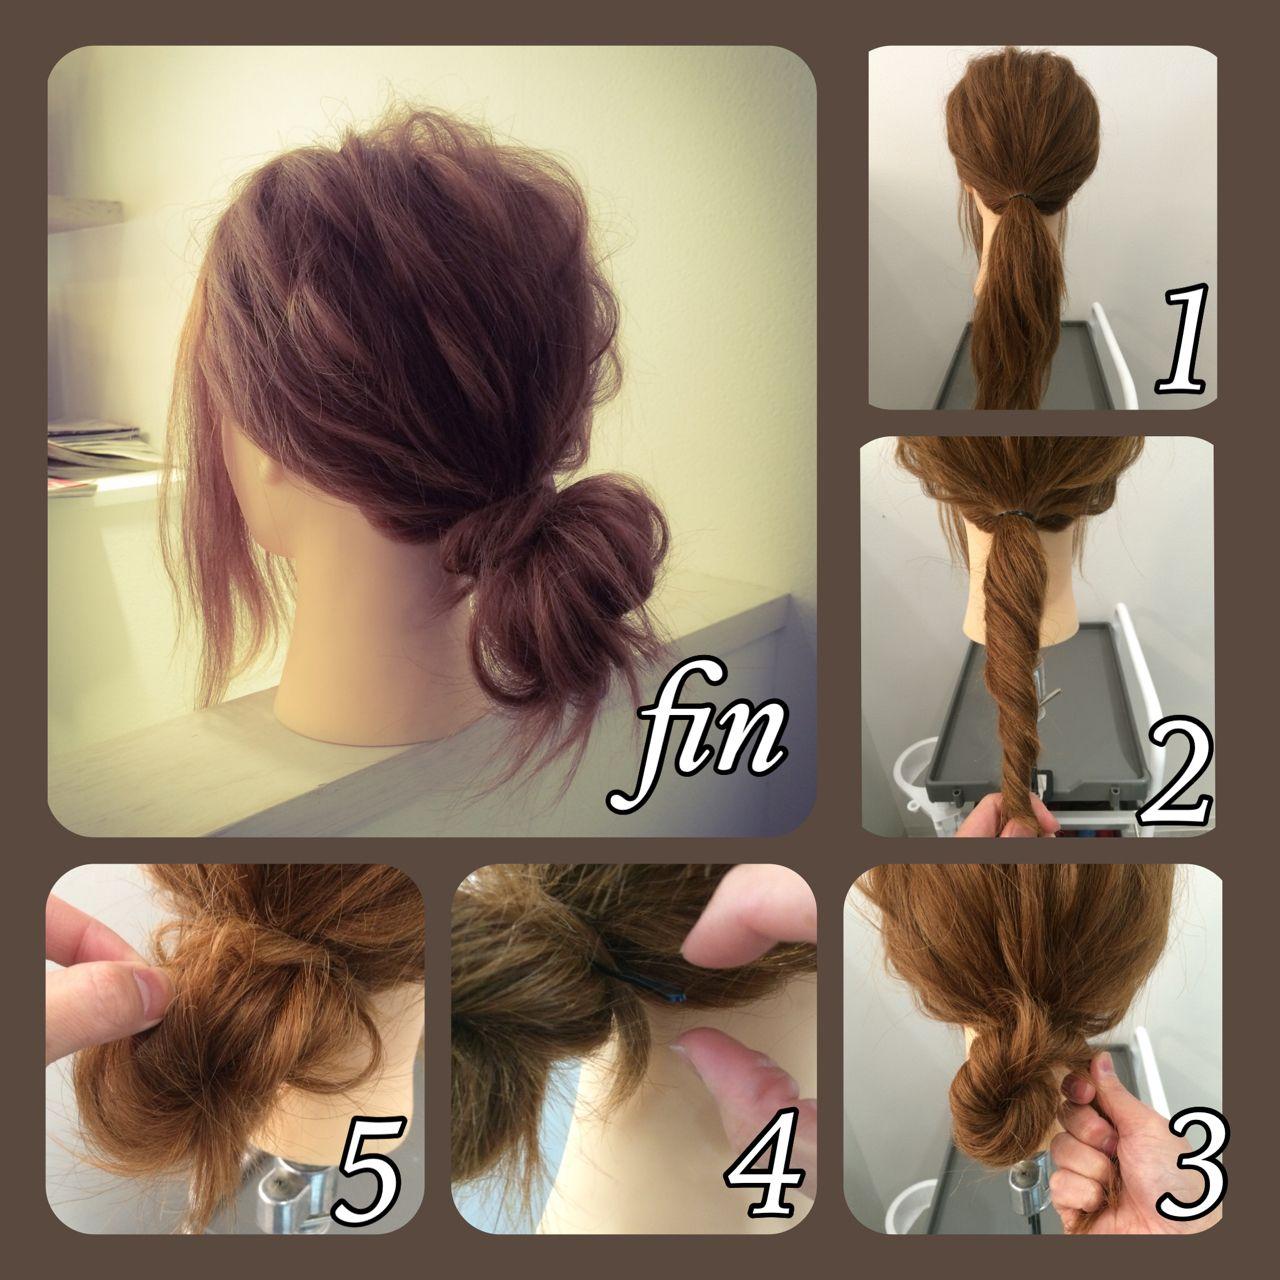 ショート ヘアアレンジ お団子 簡単ヘアアレンジ ヘアスタイルや髪型の写真・画像 | 花房 佑典 / Jill / Hair Design Jill